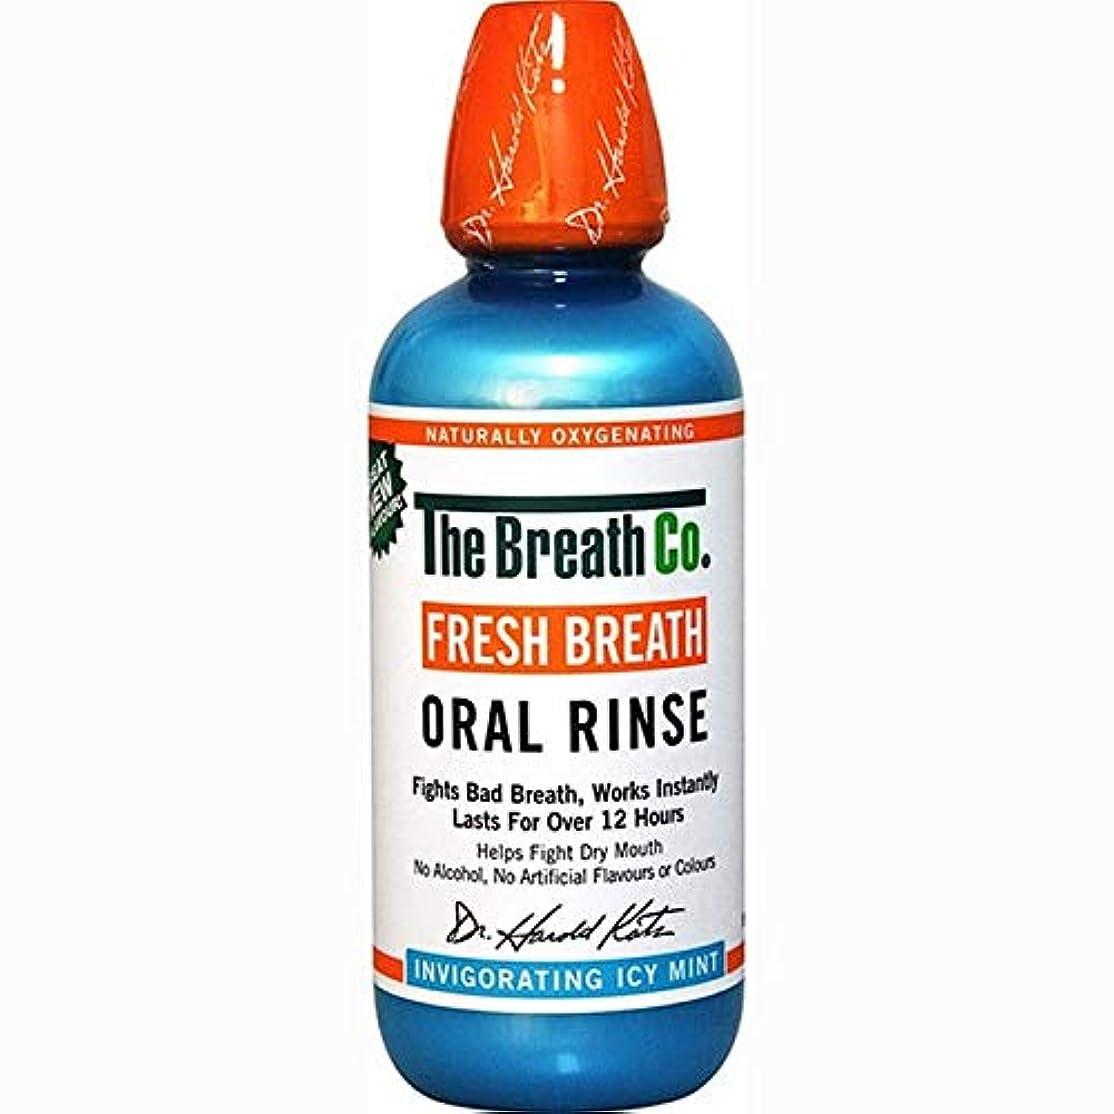 傾く挨拶するジョイント[The Breath Co] 息のCo新鮮な息口腔リンス氷のミント500ミリリットル - The Breath Co Fresh Breath Oral Rinse Icy Mint 500ml [並行輸入品]